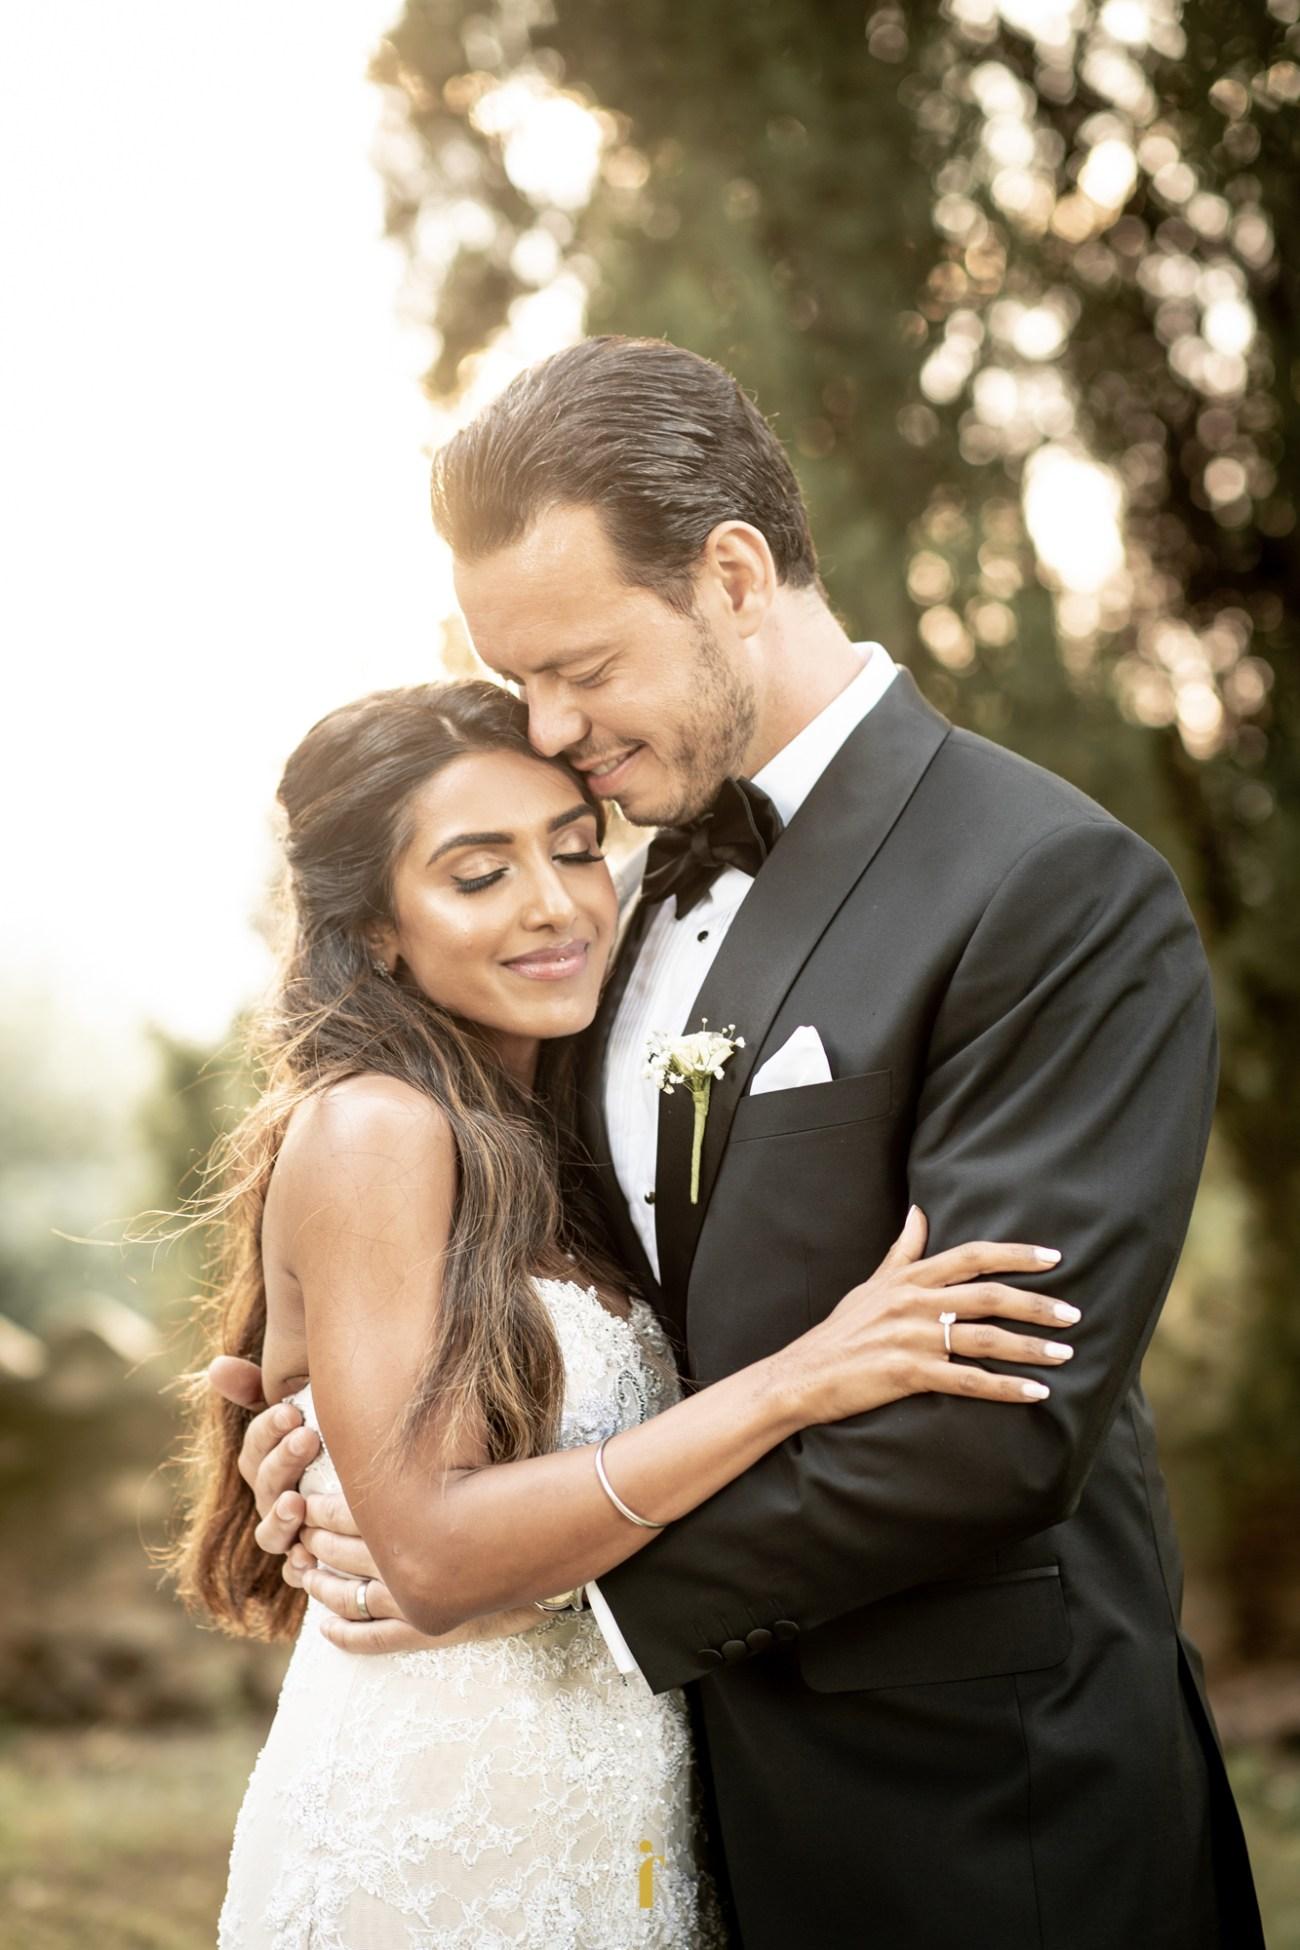 le marié prend la mariée dans ses bras